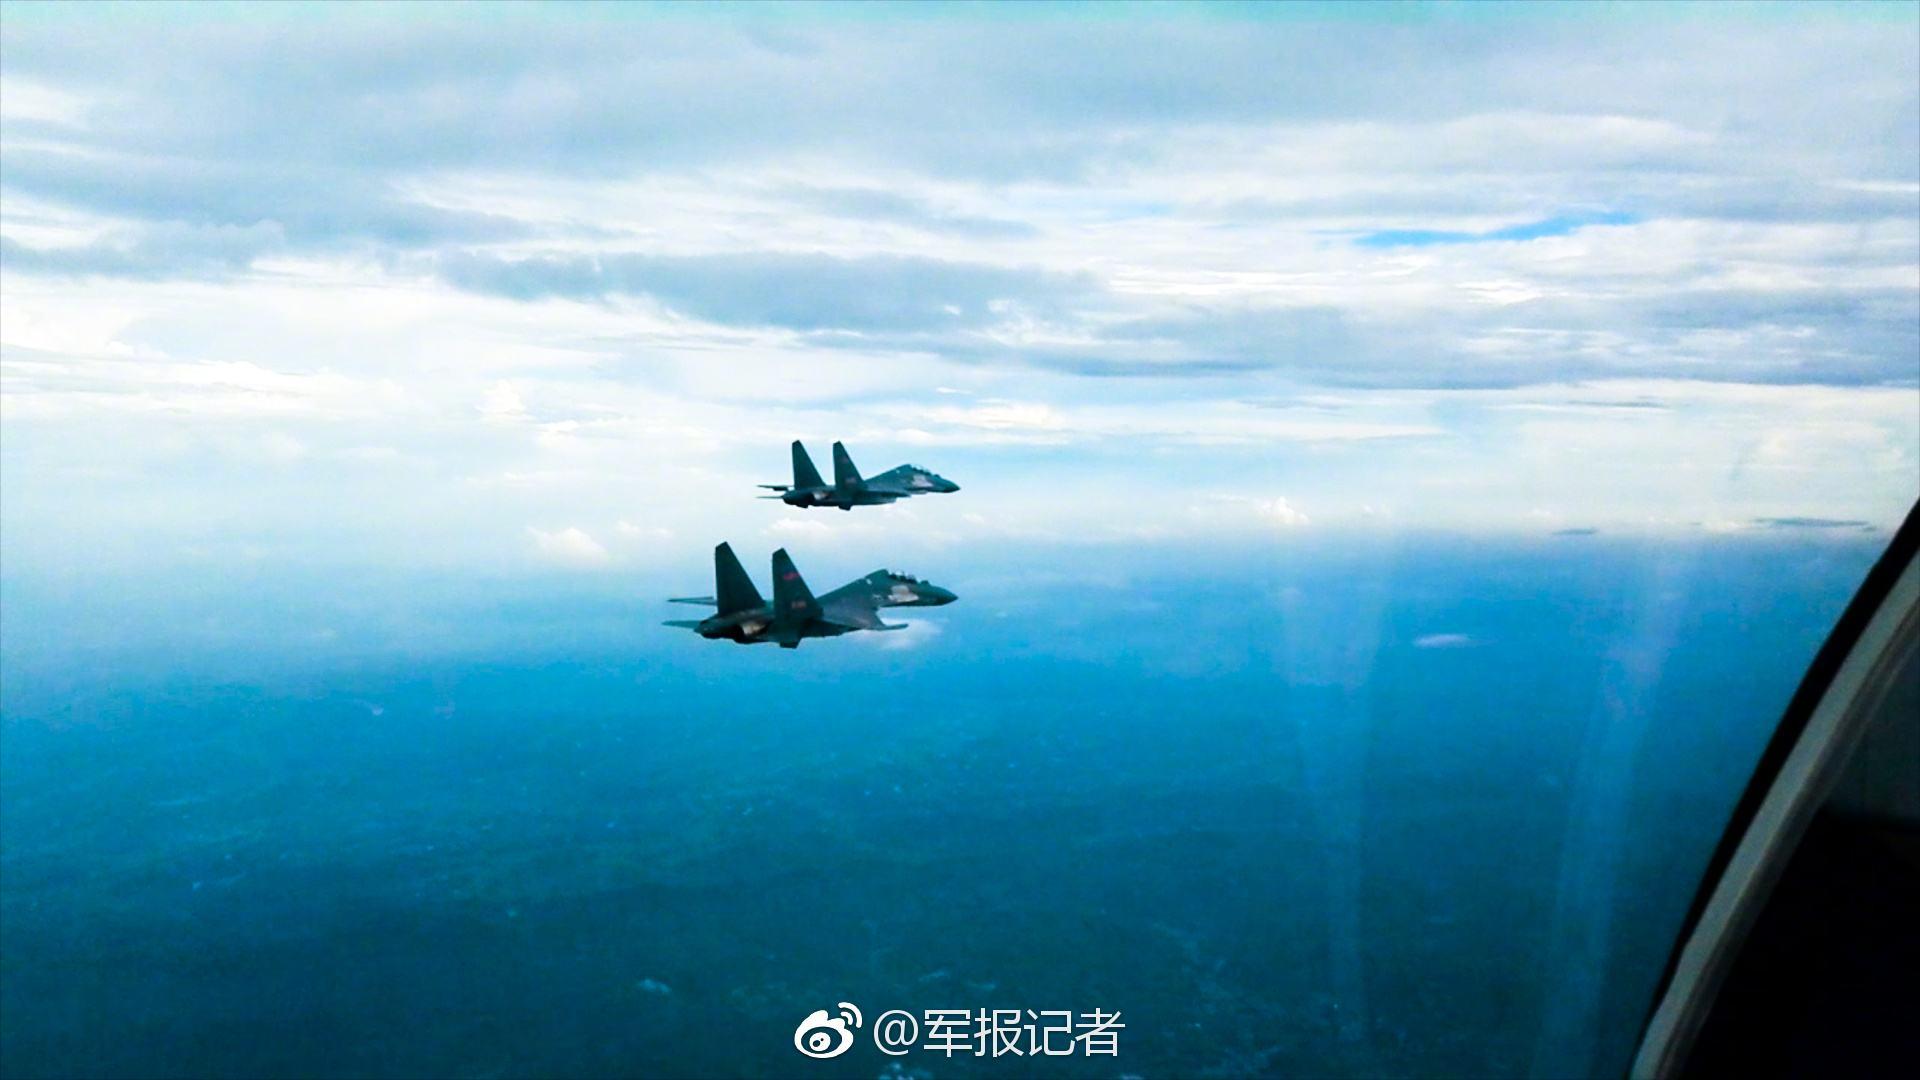 台中偏向,应该是歼-10大概歼-11战机,台媒则以为此为歼-16战机 图为军报记者公布的东部战区歼-16战机